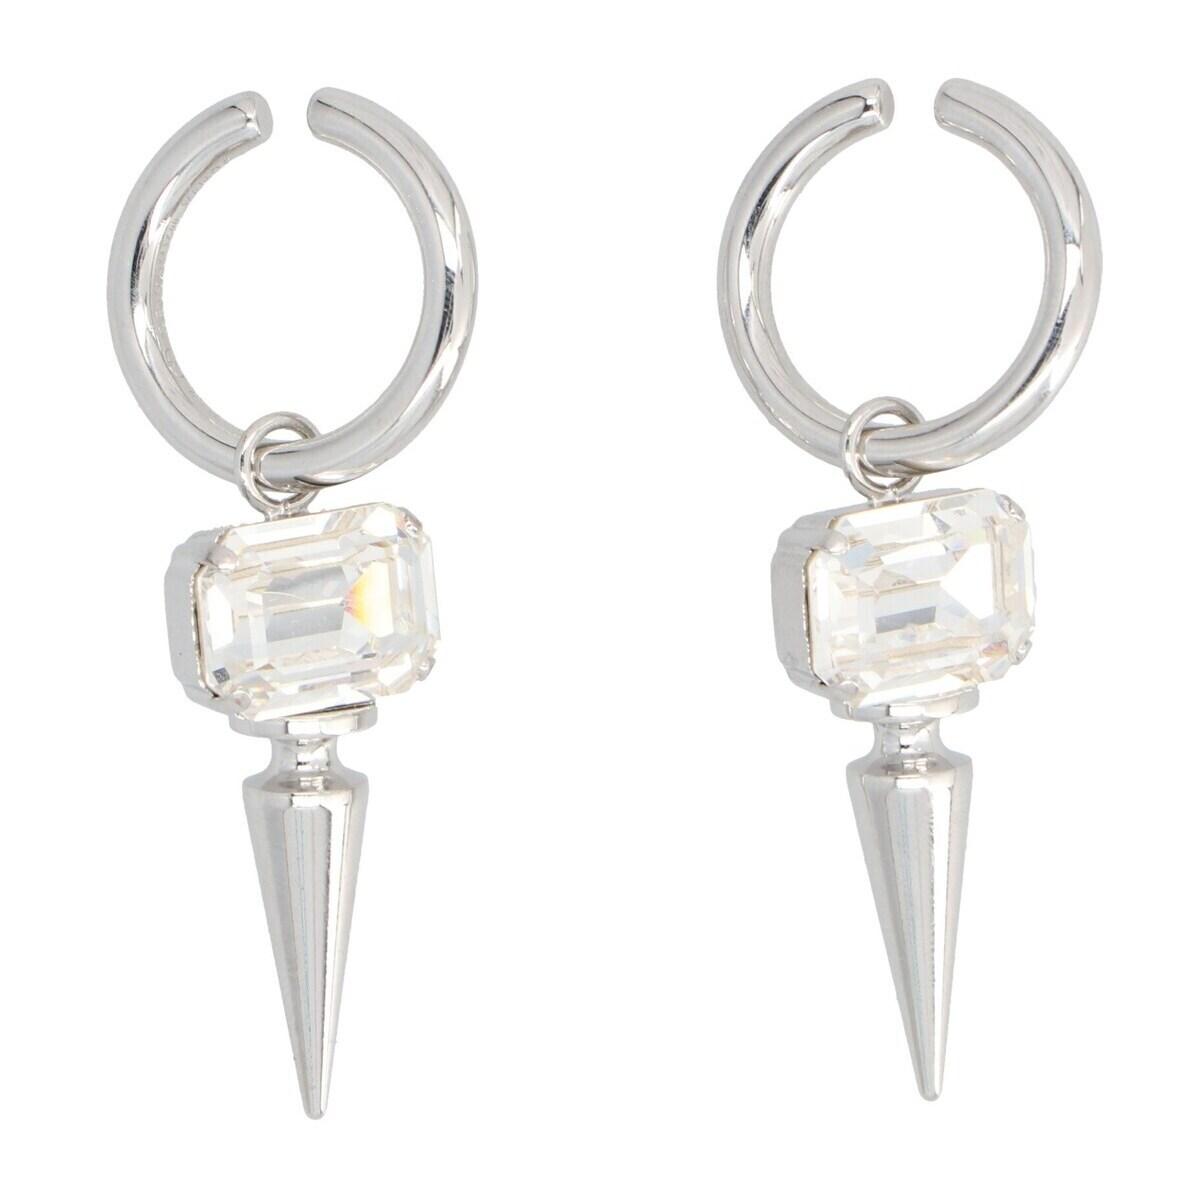 レディースジュエリー・アクセサリー, 指輪・リング JUNYA WATANABE COMME DES GARCONS Silver Jewel stud earrings 2021 JHK8050511 ju